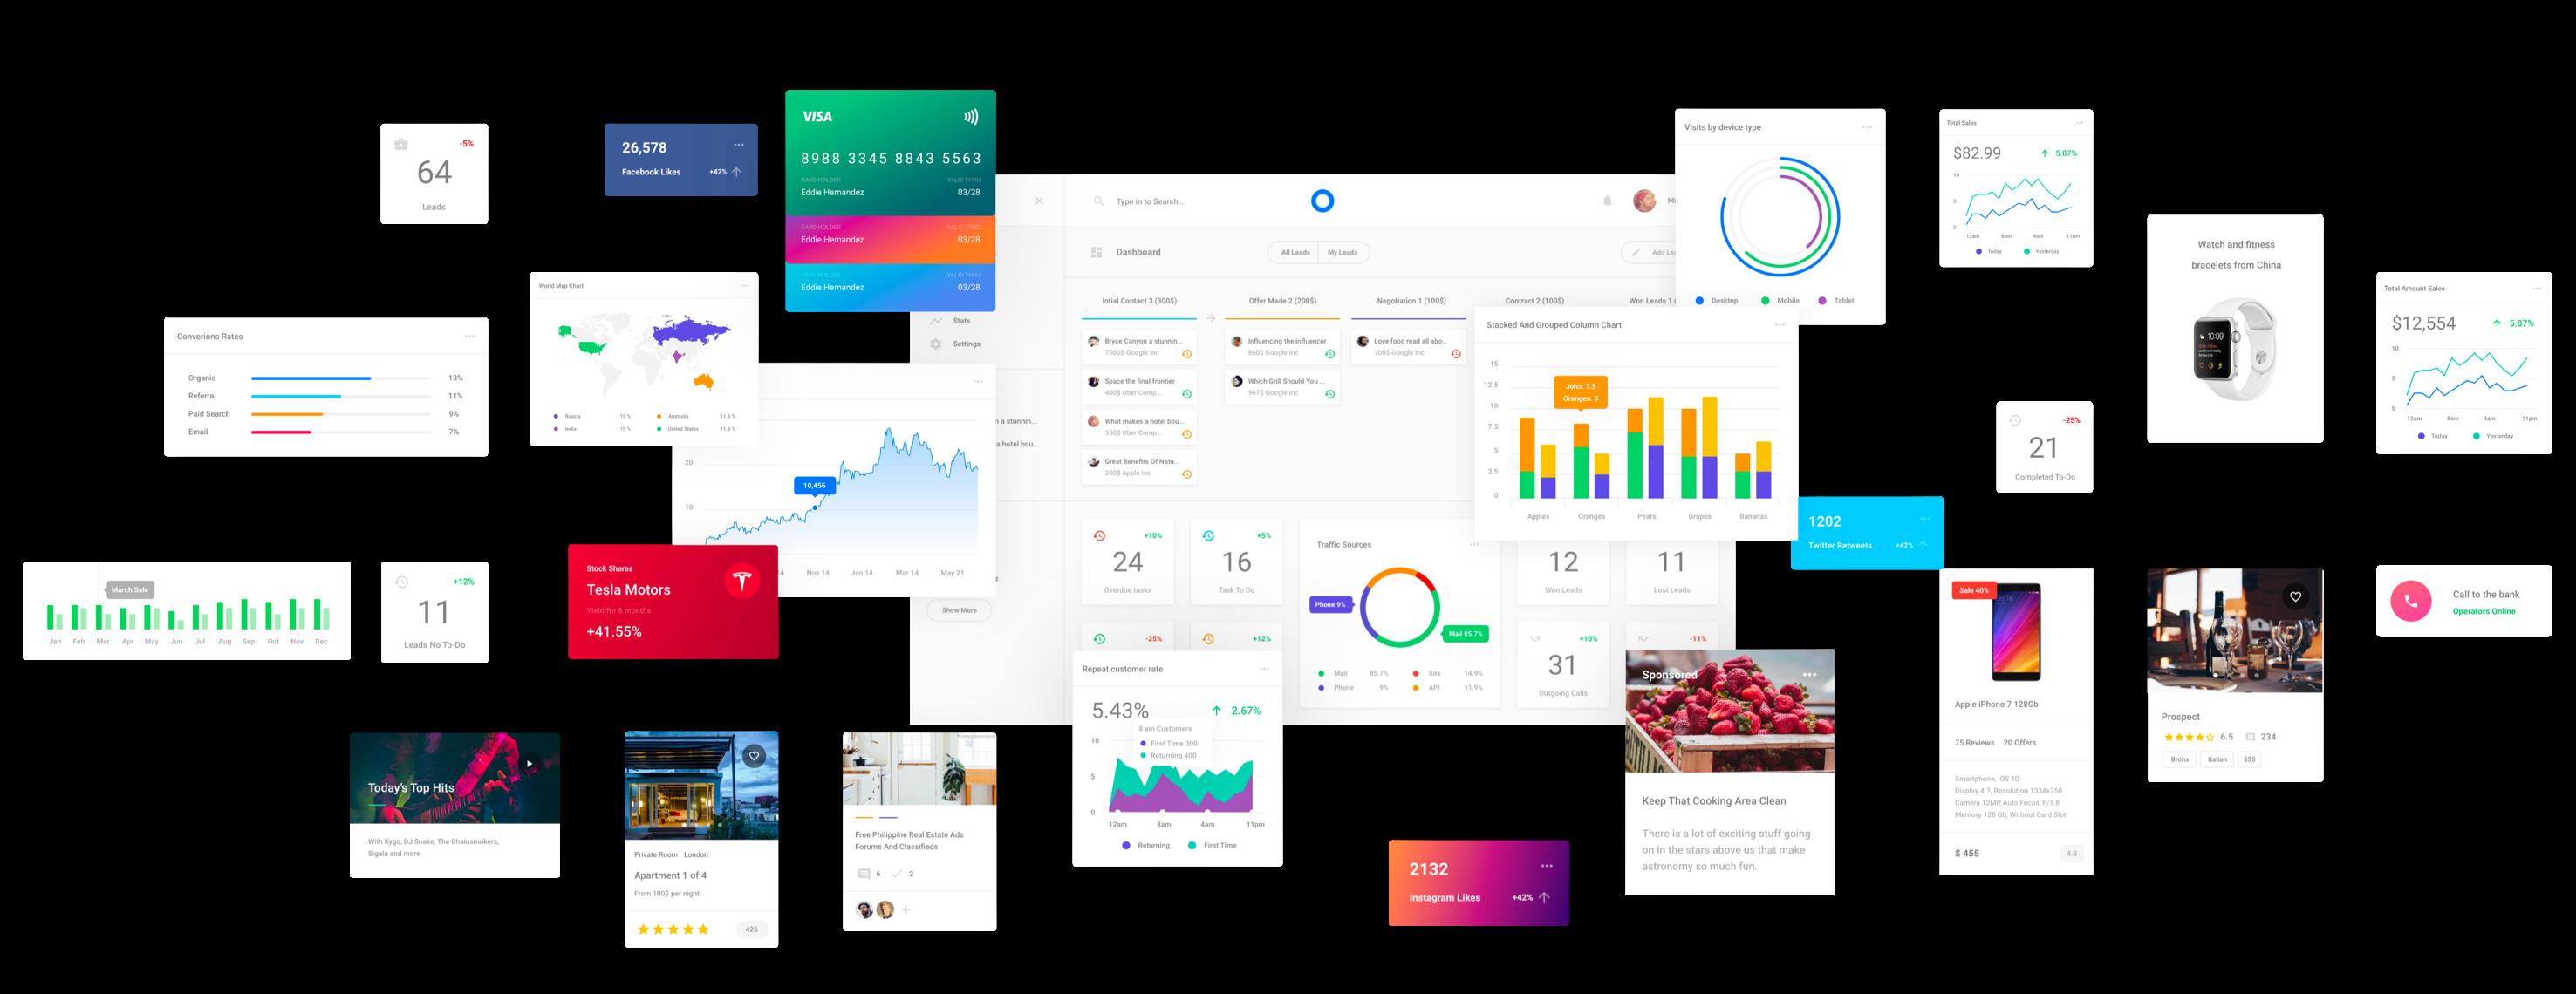 WebInteface 2, UI Kit